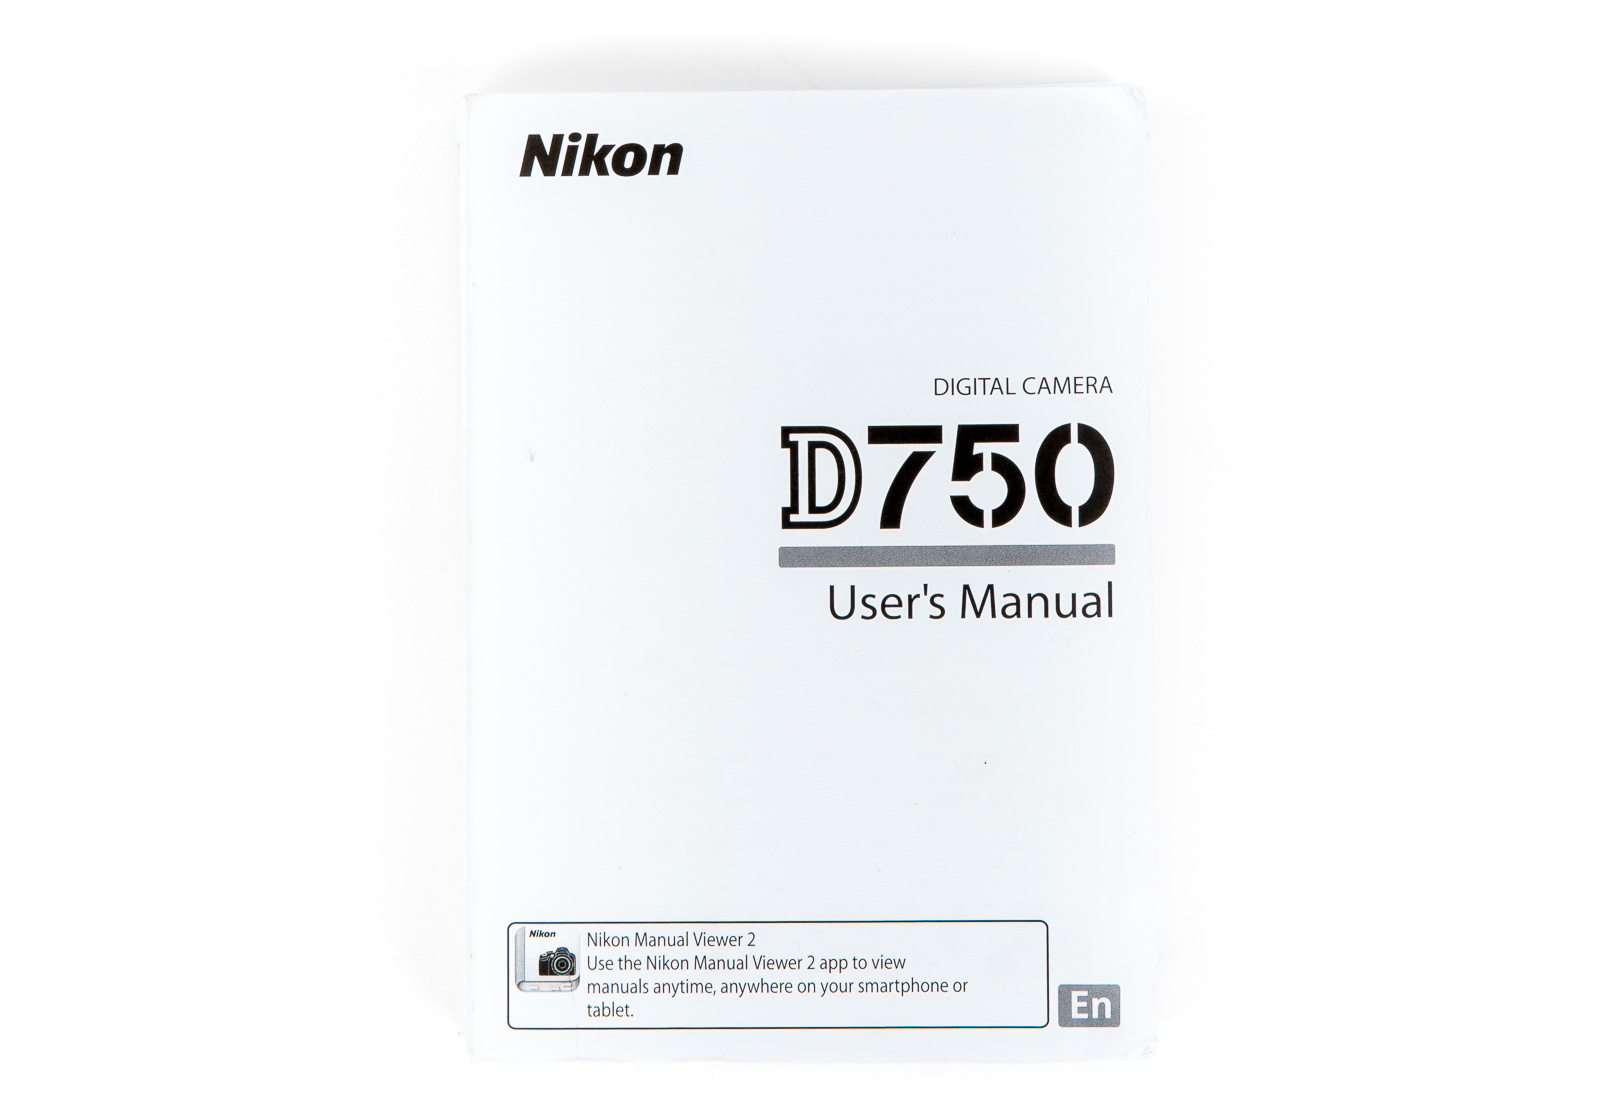 Rent a Nikon D750 at LensProToGo.com